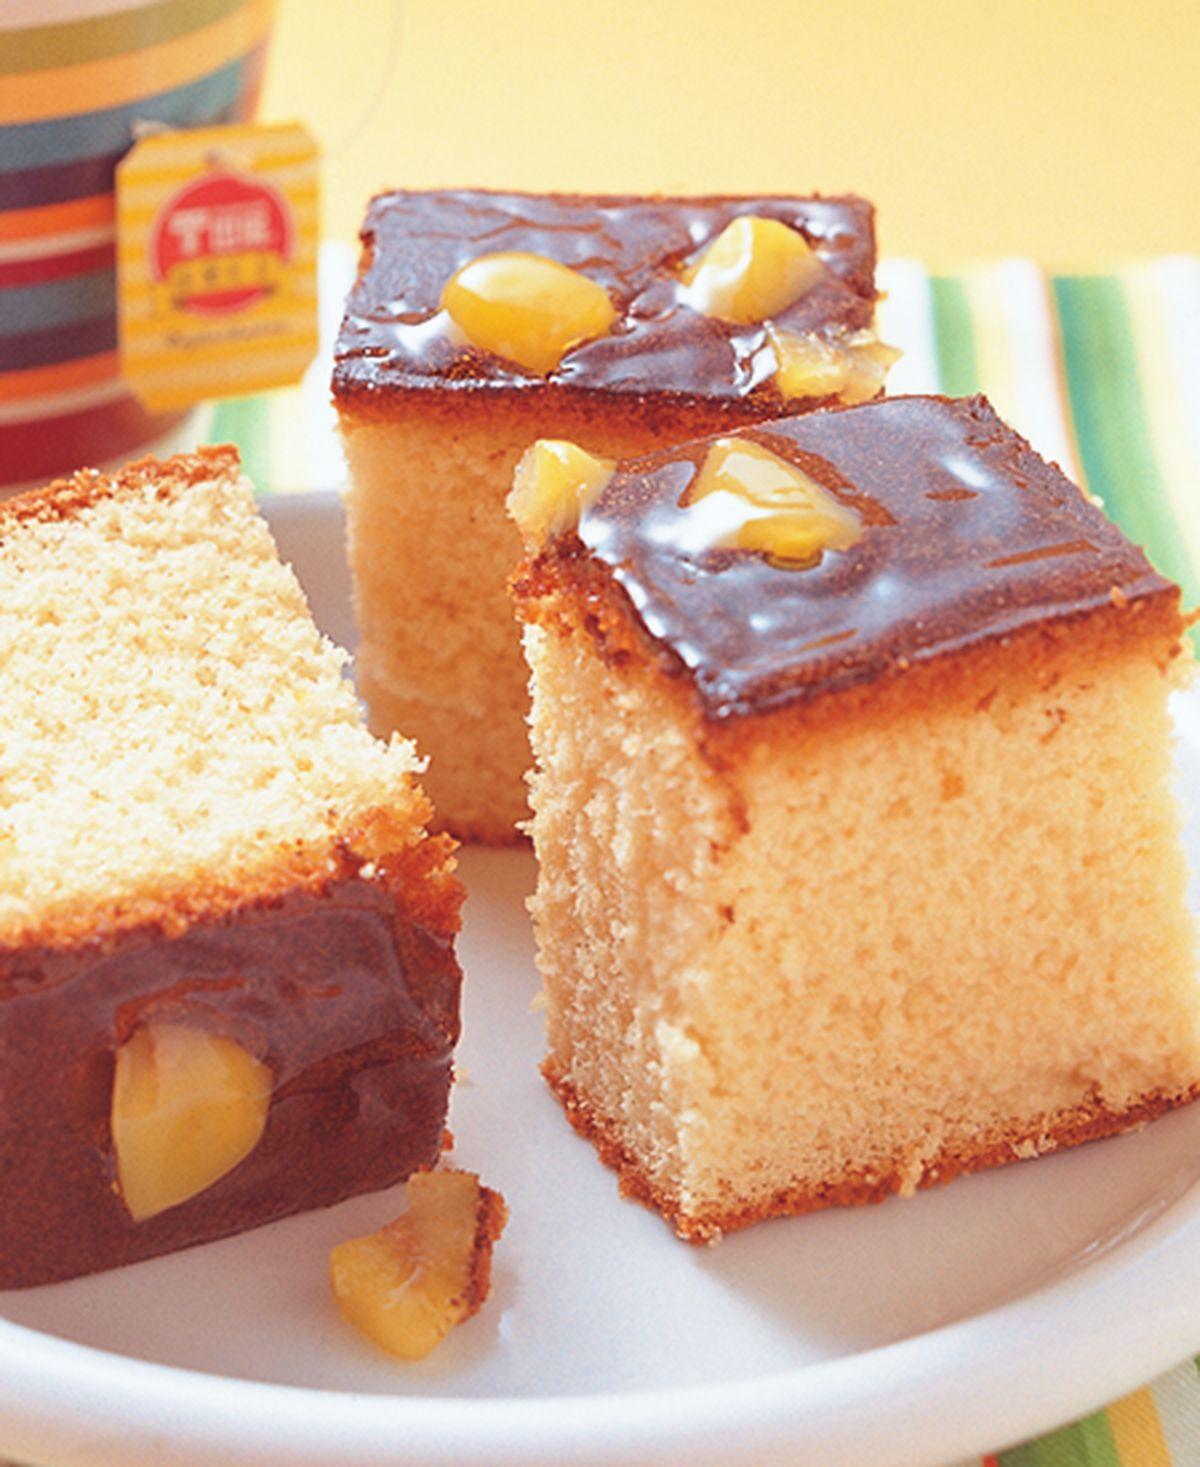 食譜:栗子蜂蜜蛋糕